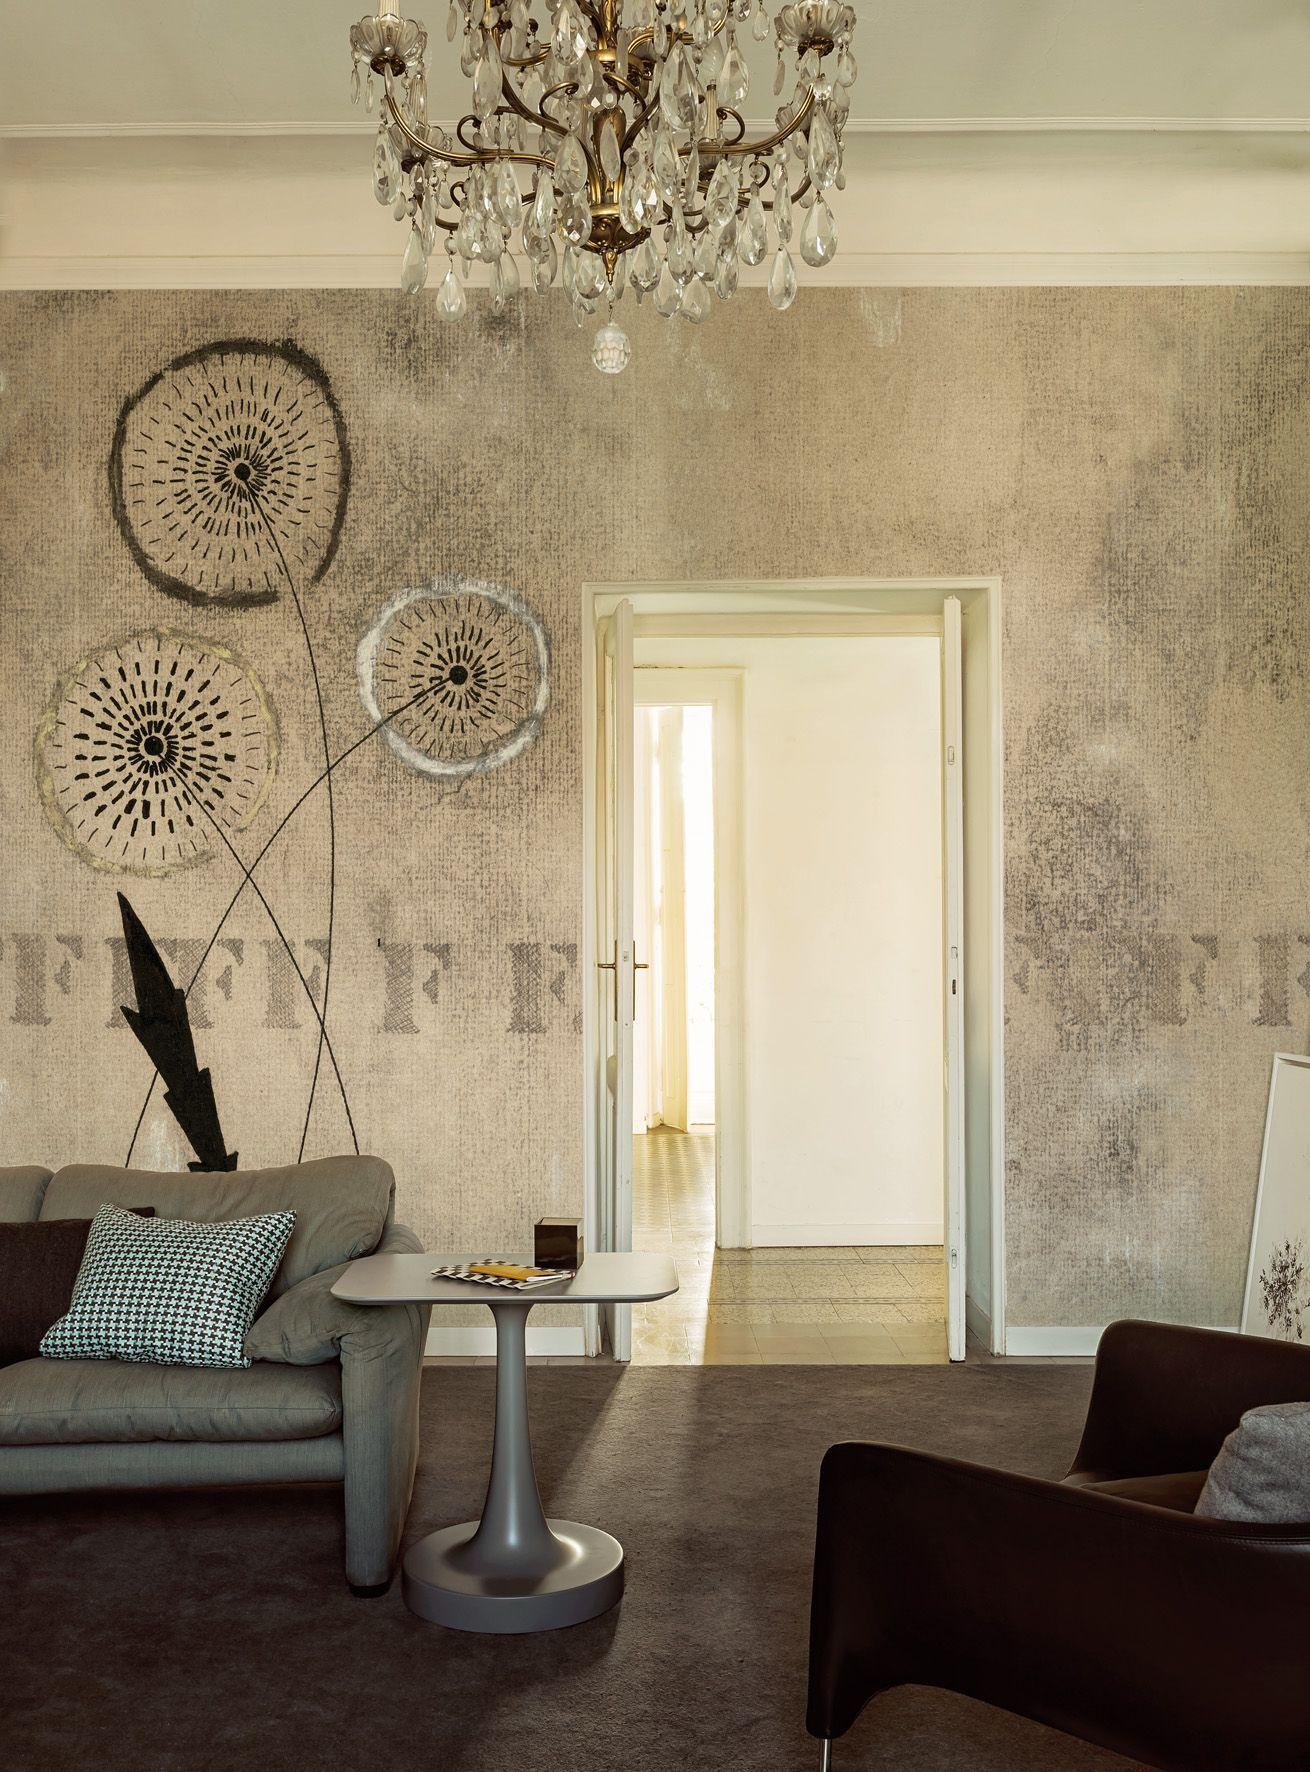 Carta da parati effetto muro con motivi floreali fff by for Carta da parati muro